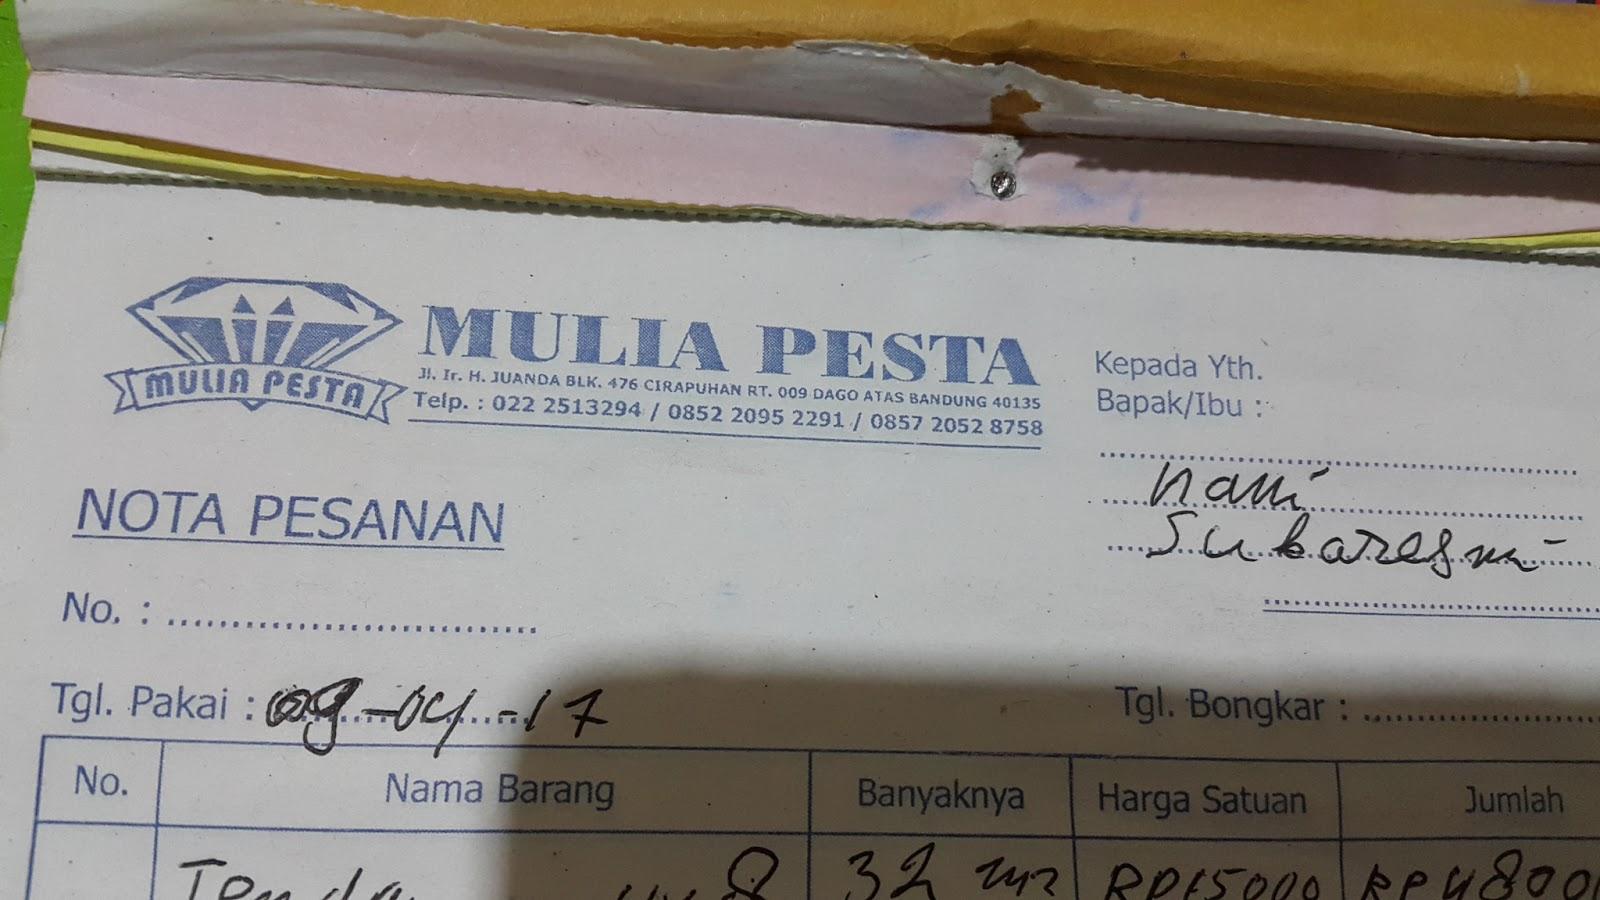 Mulia Pesta Tempat Sewa Alat Pesta Dago Bandung